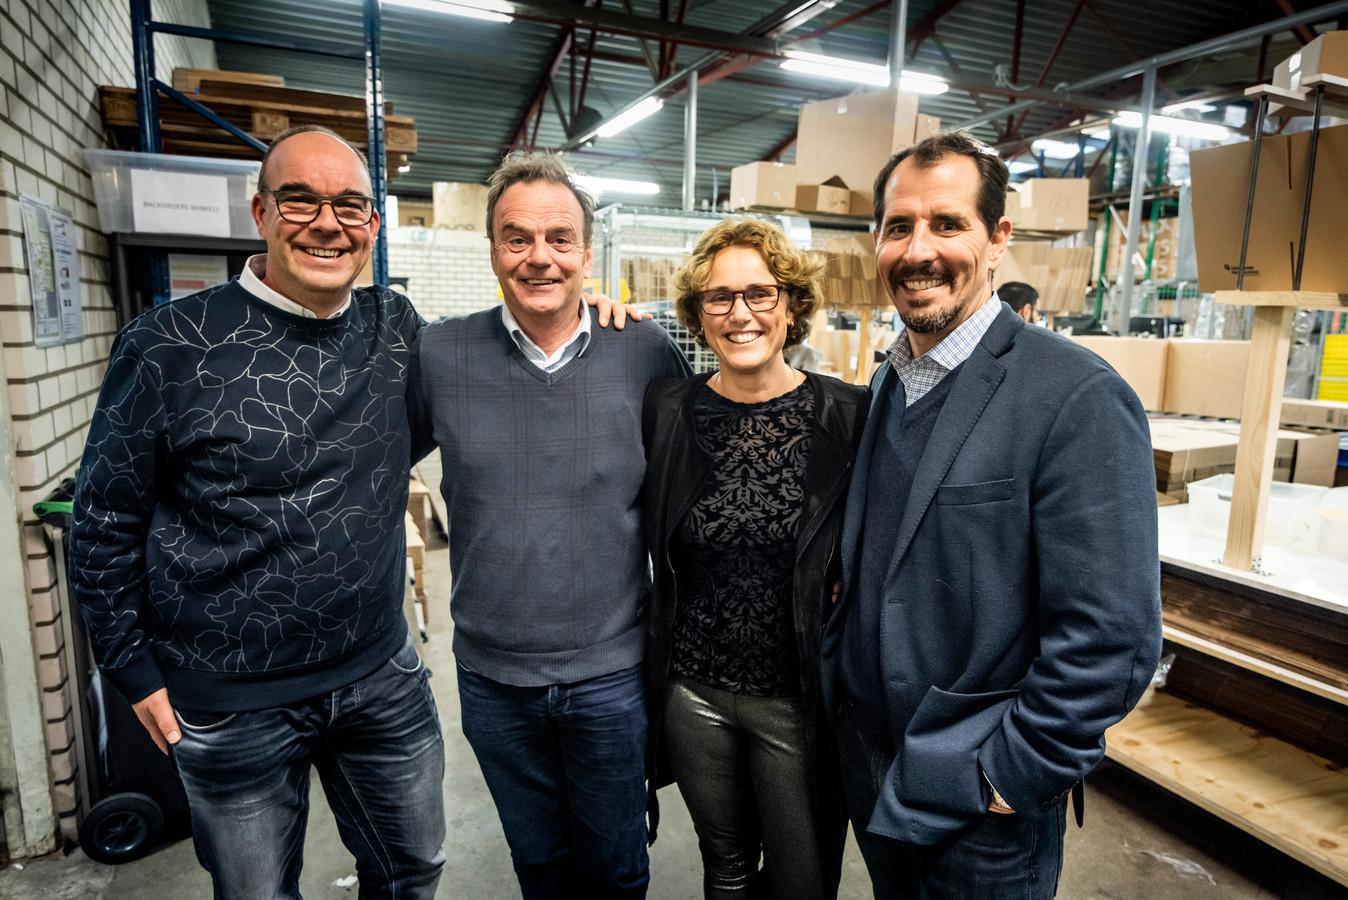 Van links naar rechts: Marco Kluwen van MamaLoes, Jos Verhoeven van Start Foundation, Loes de Volder van MamaLoes en Mike Brady van het Amerikaanse Greyston Bakery.